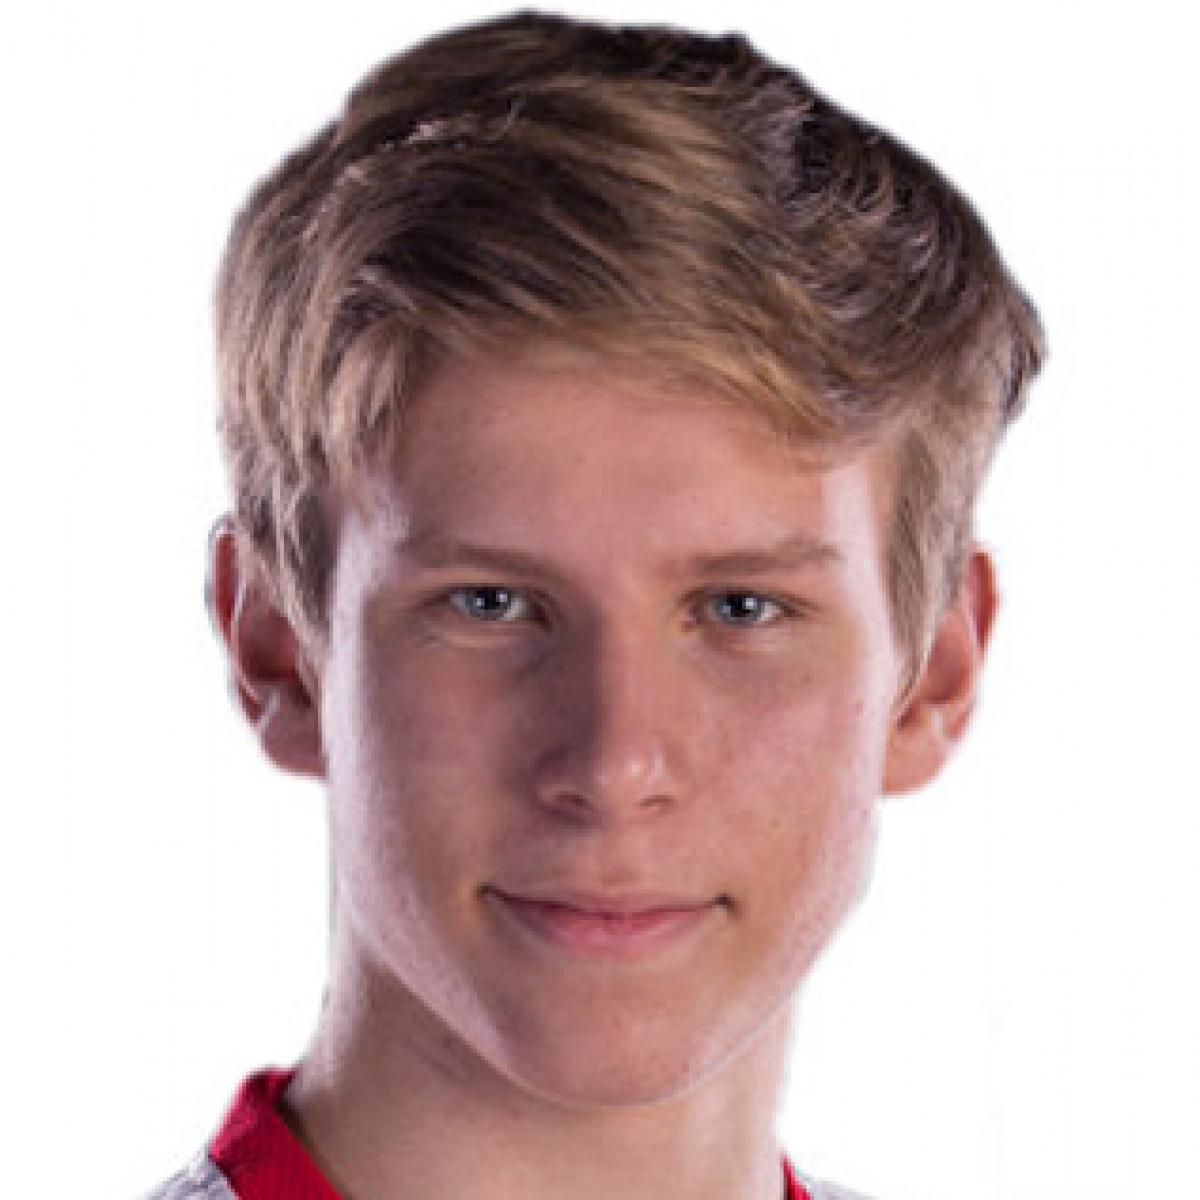 Daniel Randuska